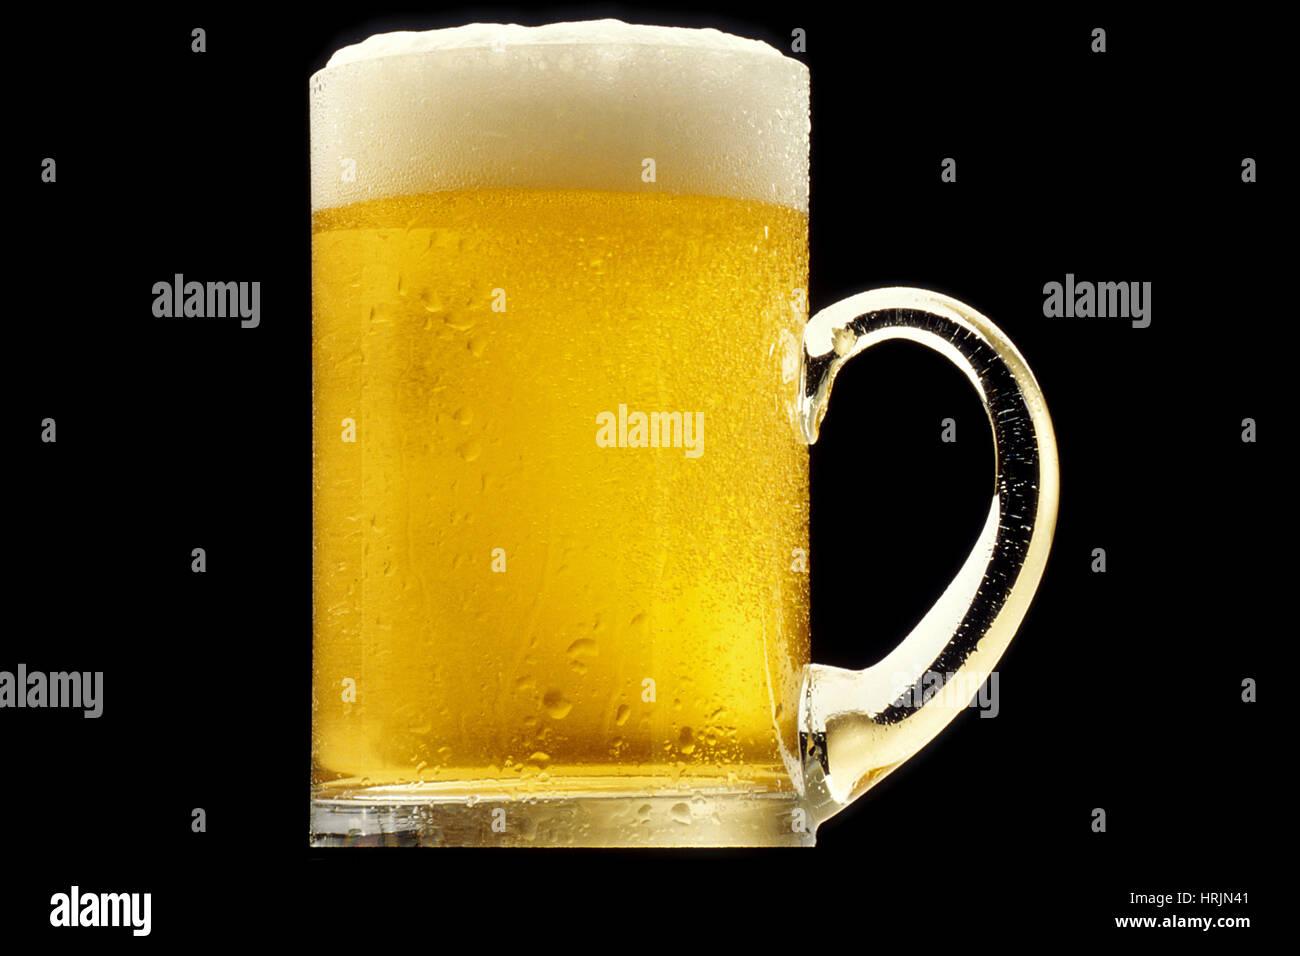 Alkoholisches Getränk, Krug Bier Stockbild